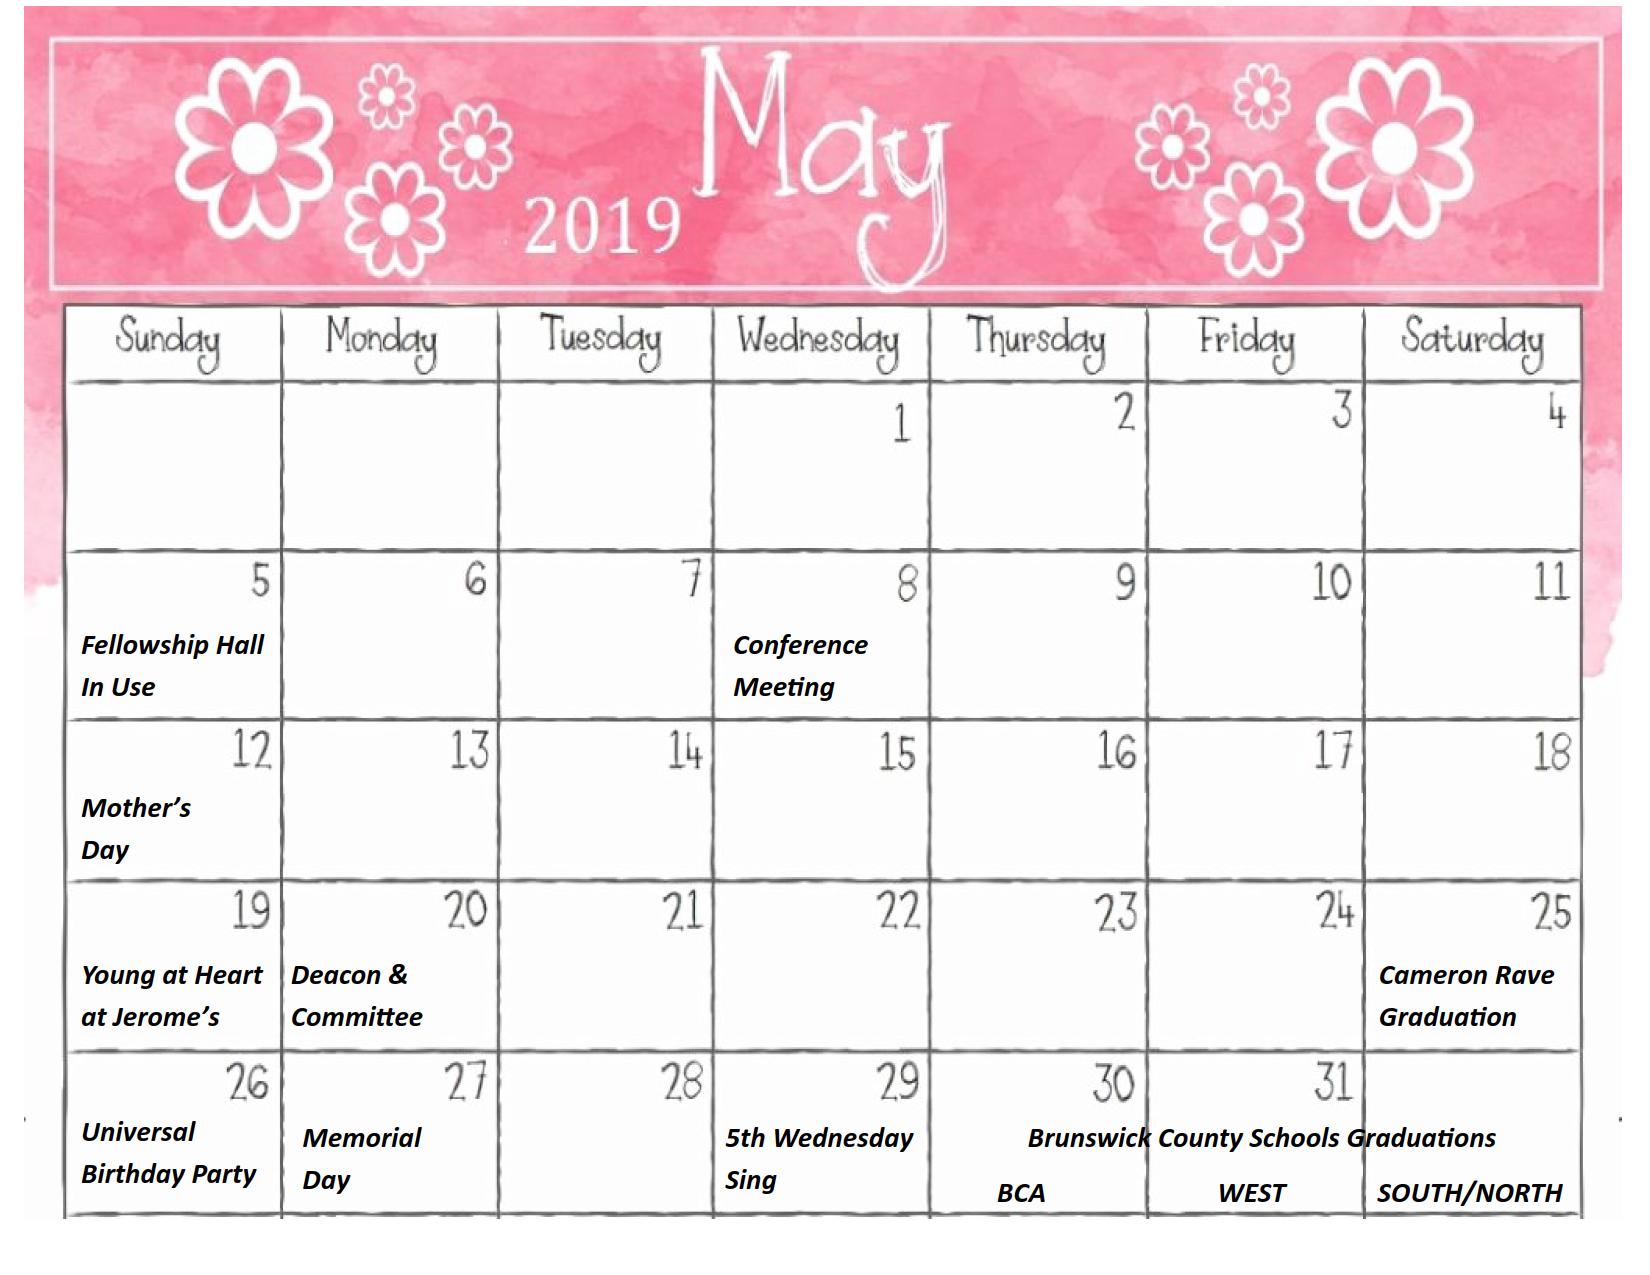 May 2019 Calendar 1